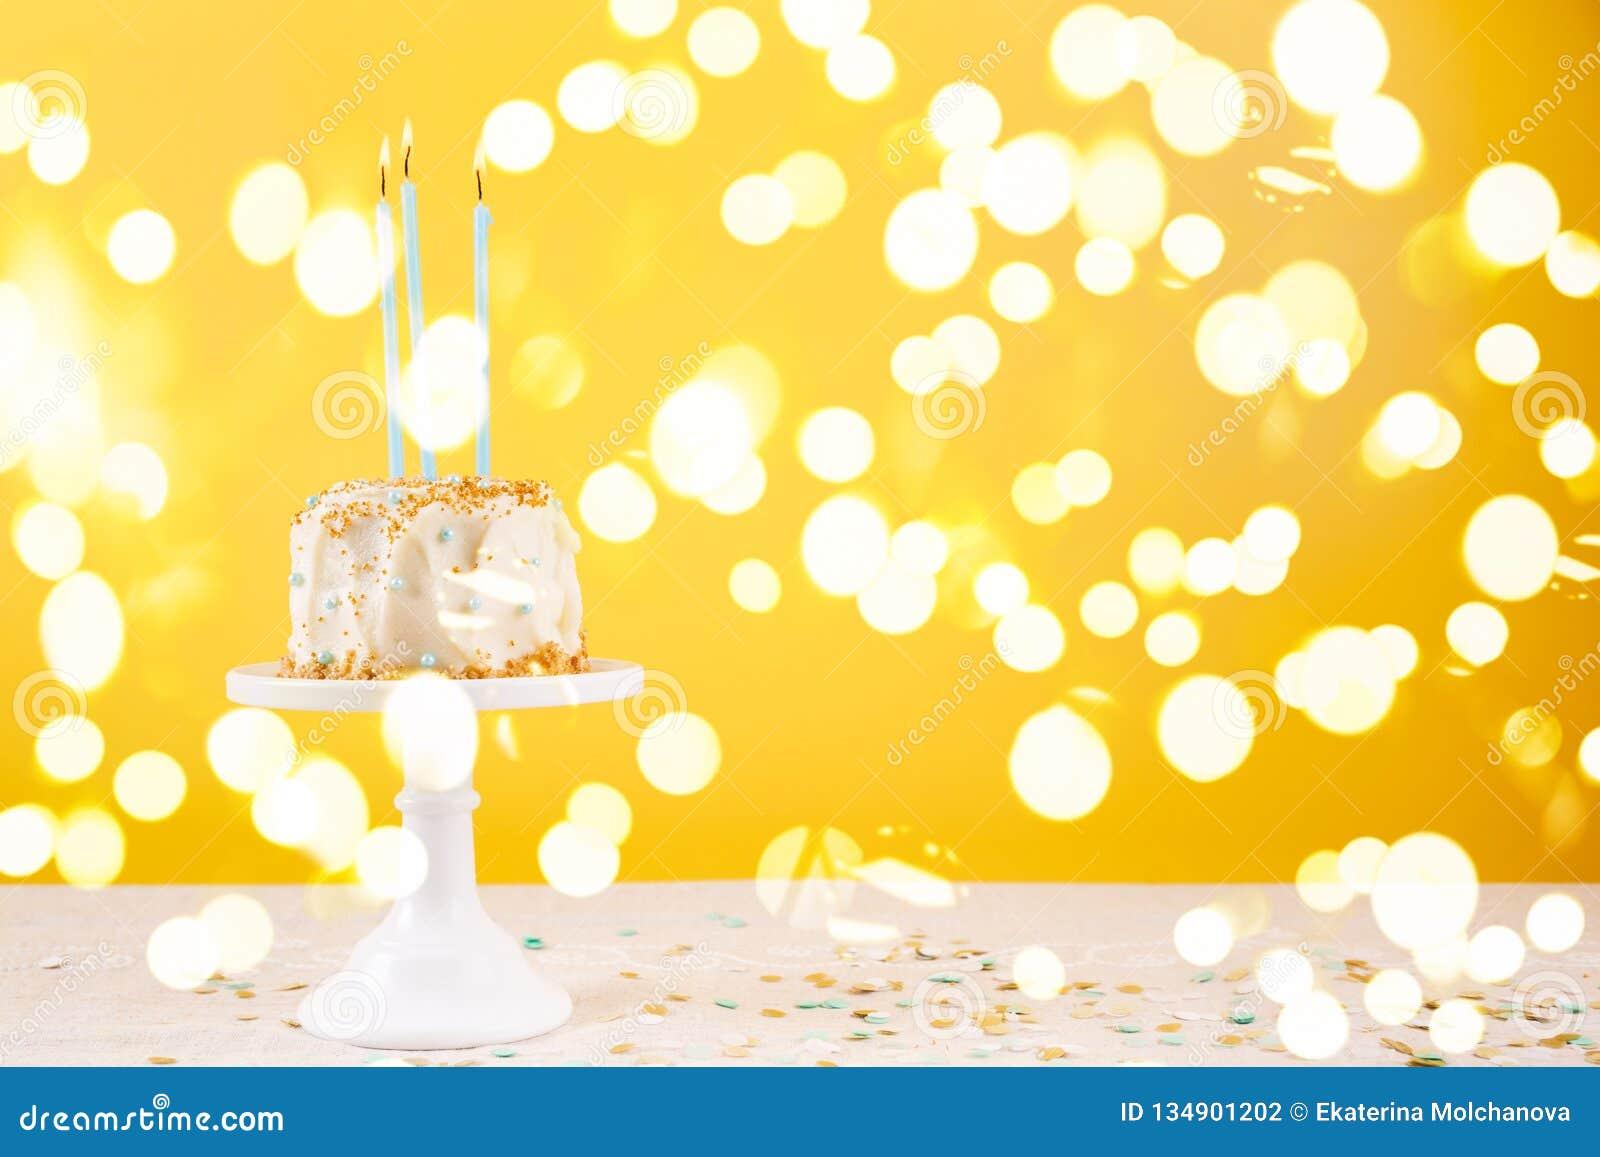 Bolo de aniversário com velas Conceito da celebração da festa de anos